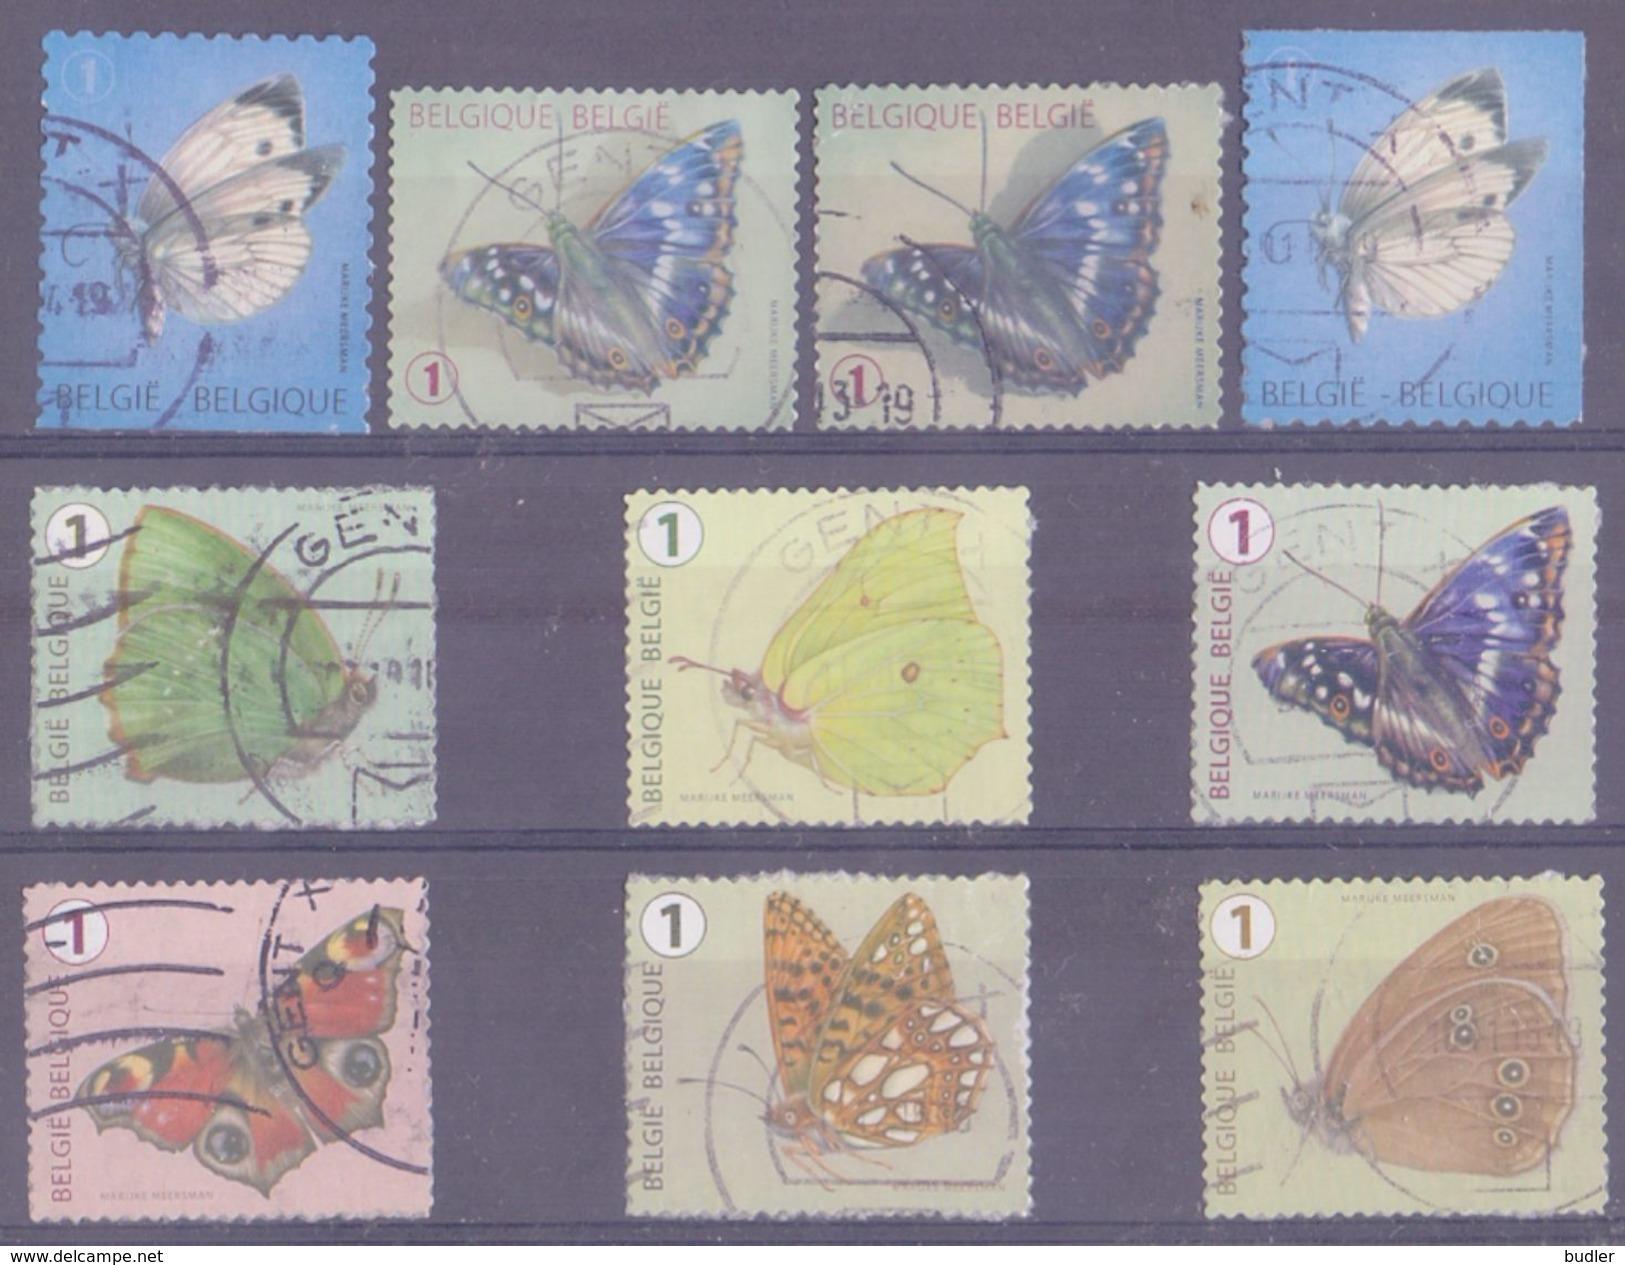 BELGIË/BELGIQUE : Gestempelde Zegels Van 9 VERSCHILLENDE VLINDERS /  Timbres Oblitérés De 9 PAPILLONS DIFFÉRENTS. - Schmetterlinge